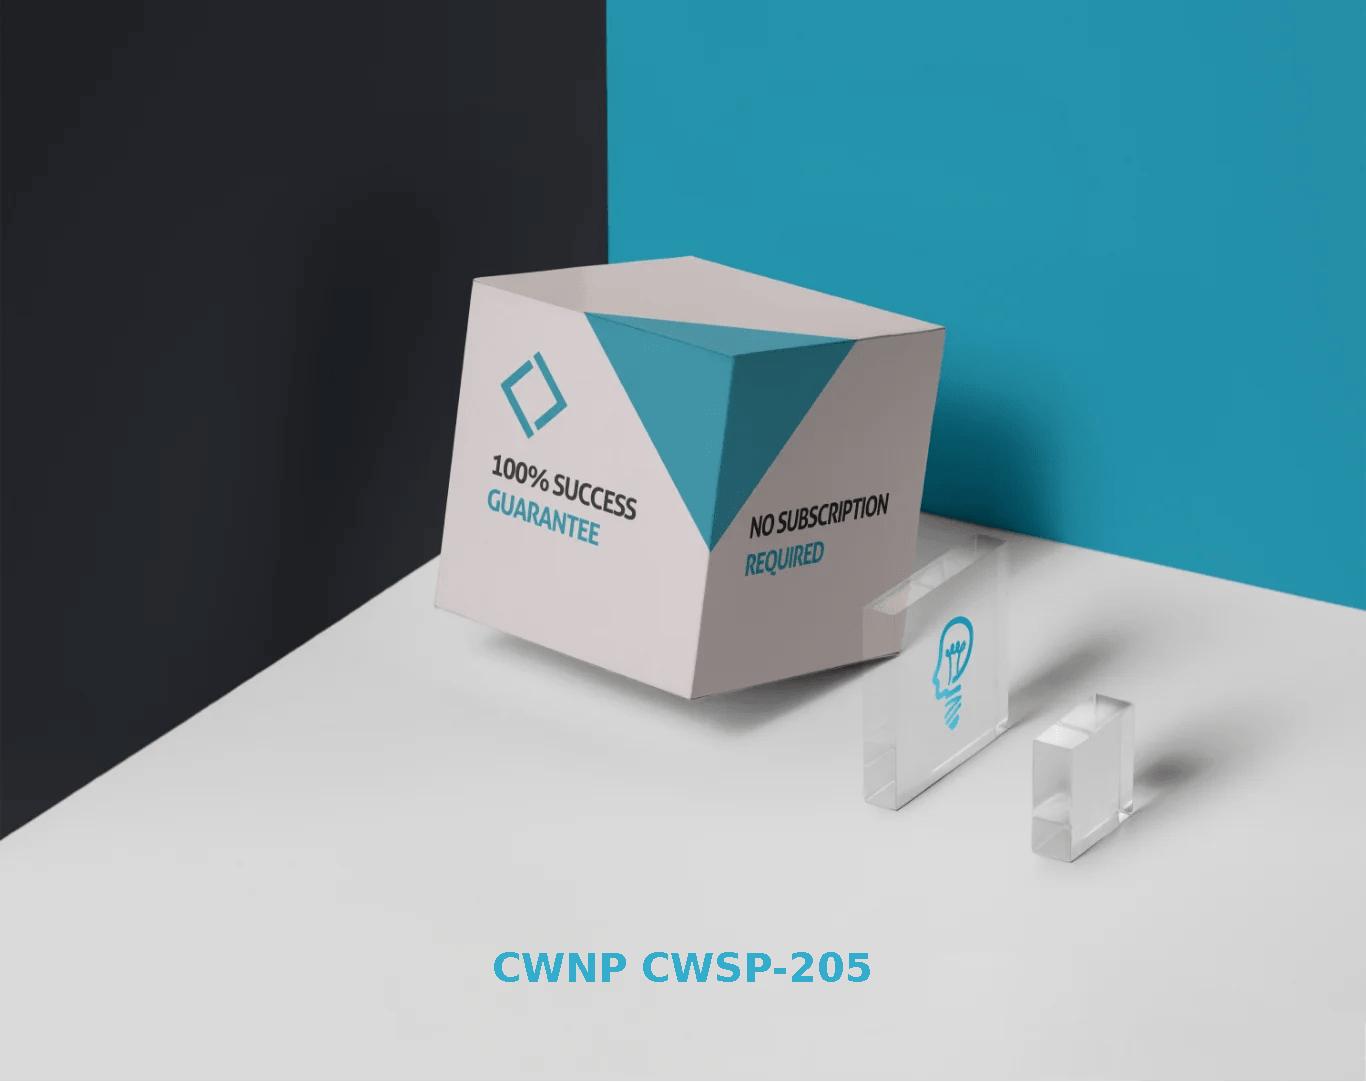 CWNP CWSP-205 Exams